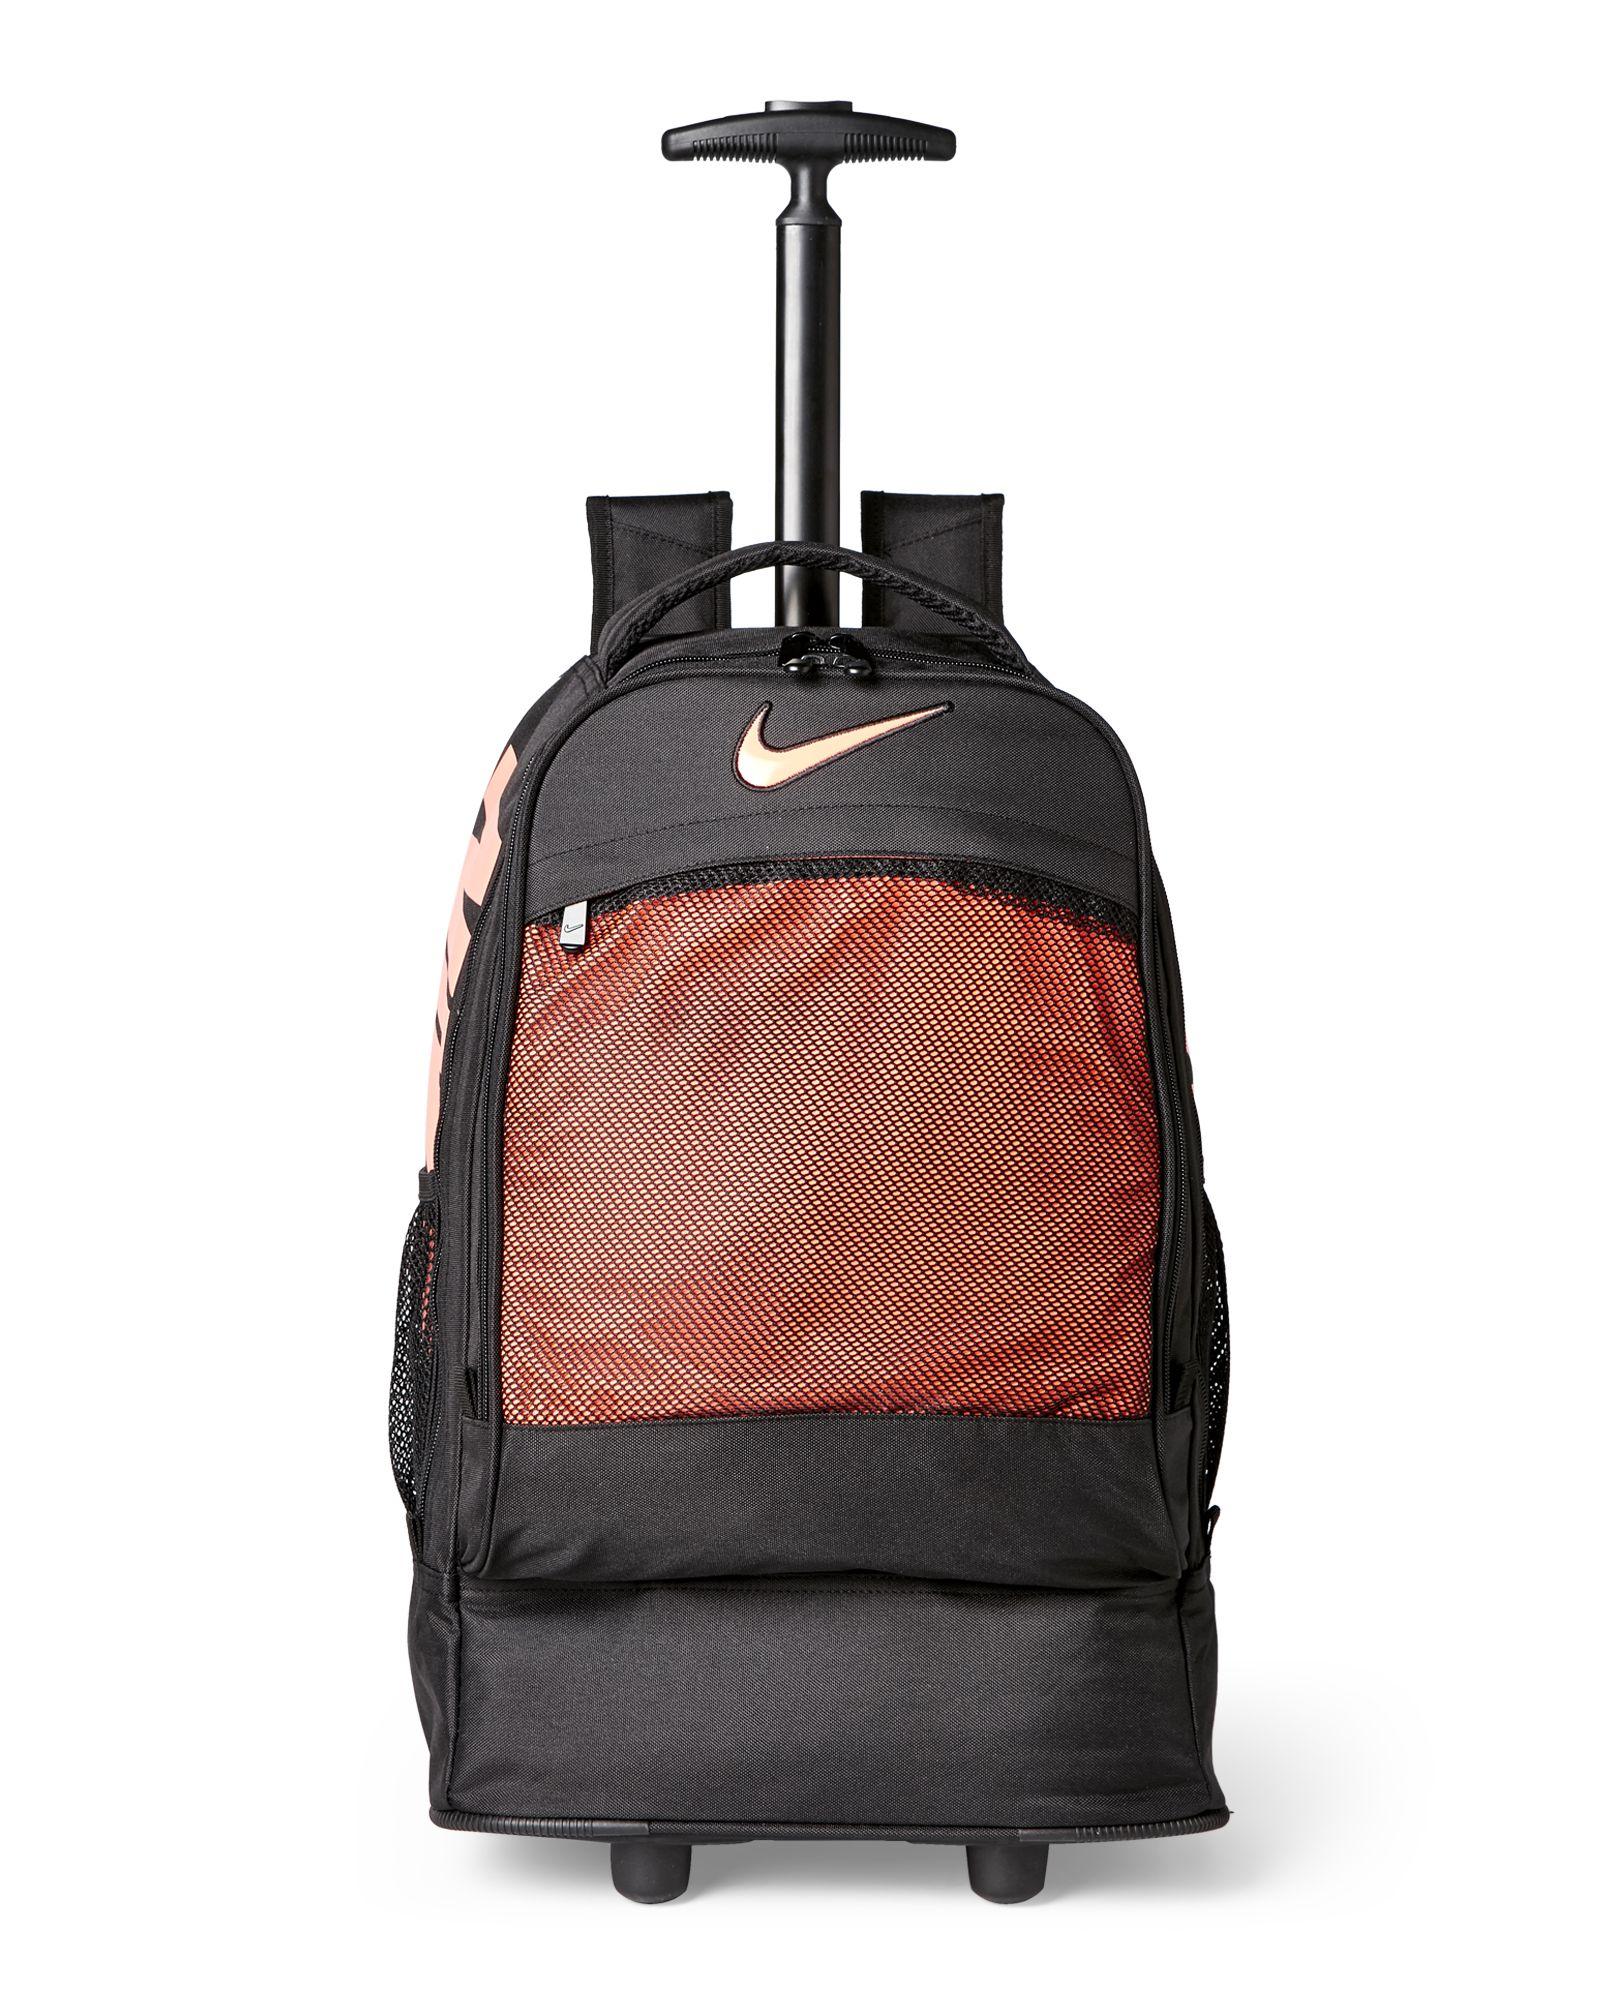 234946bcd6 Nike Black   Orange Wheeled Backpack